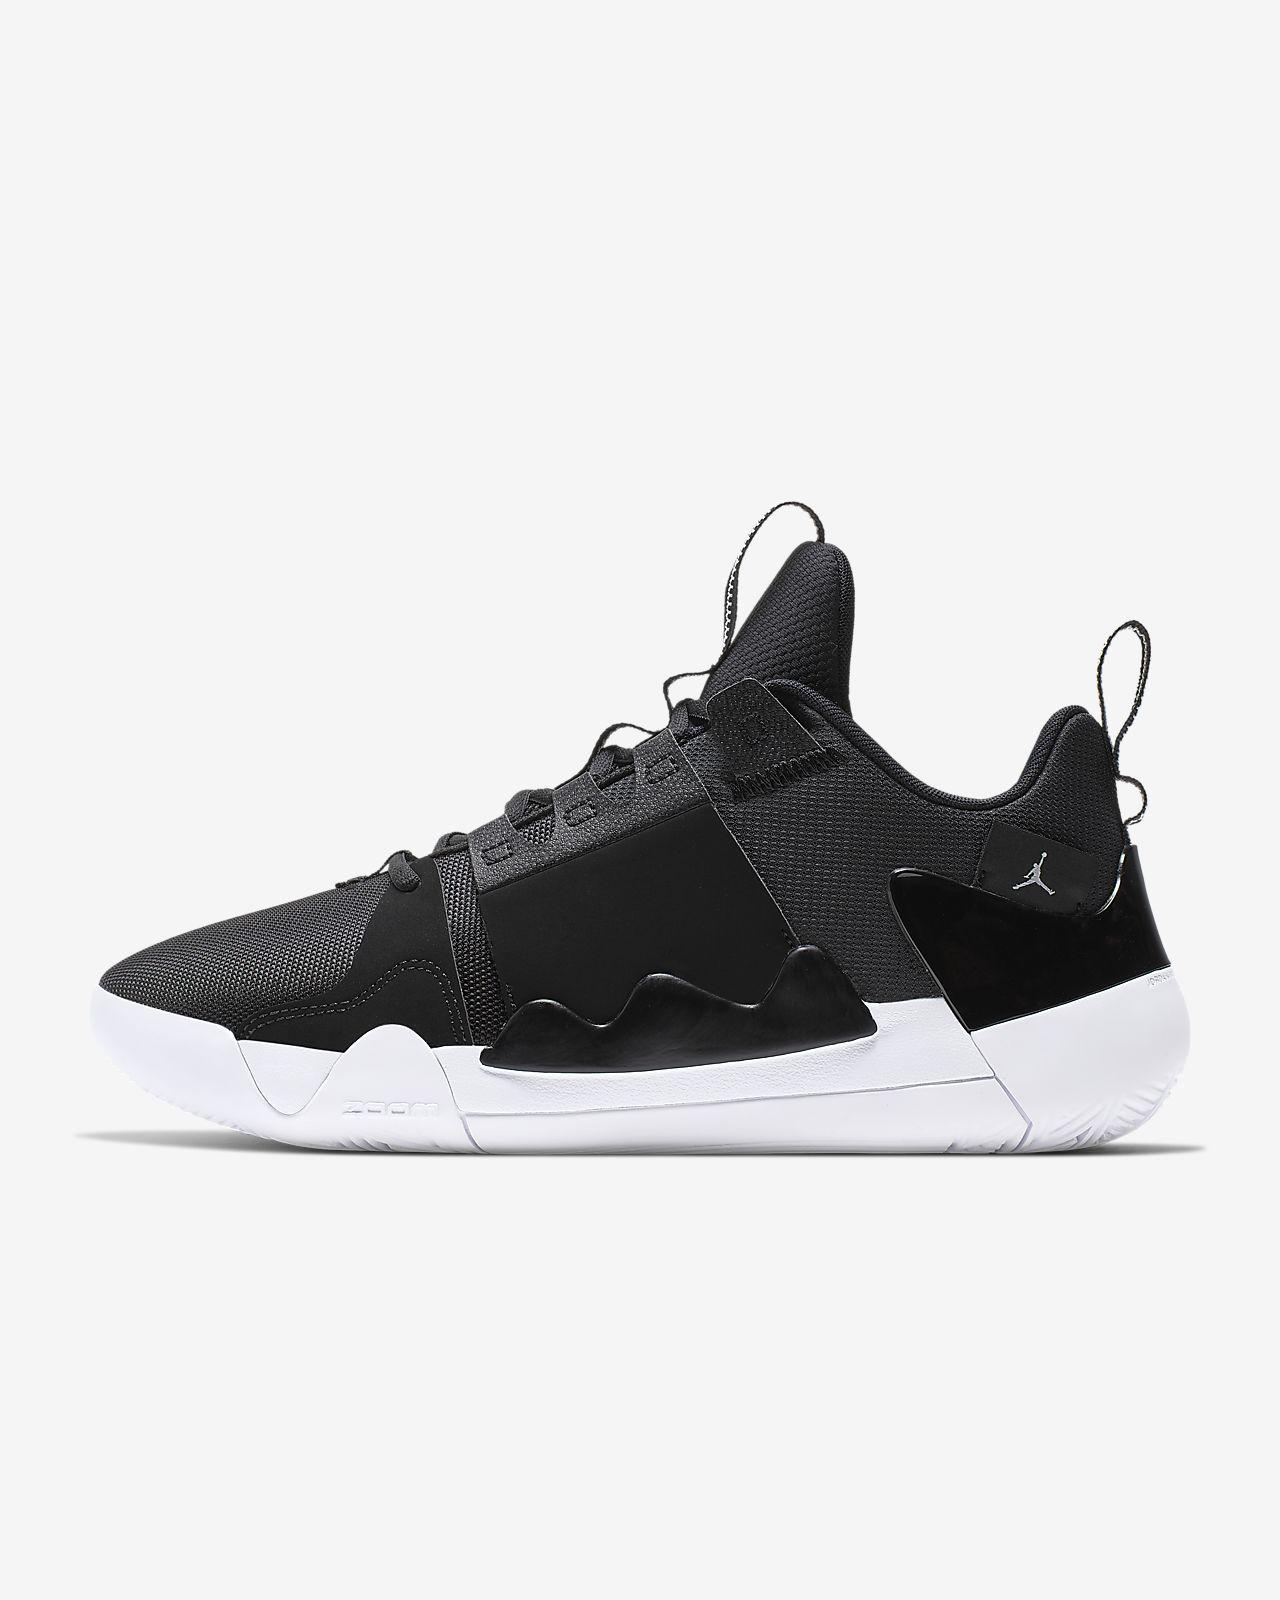 6c70f1a00c043 Chaussure de basketball Jordan Zoom Zero Gravity pour Homme. Nike.com CA